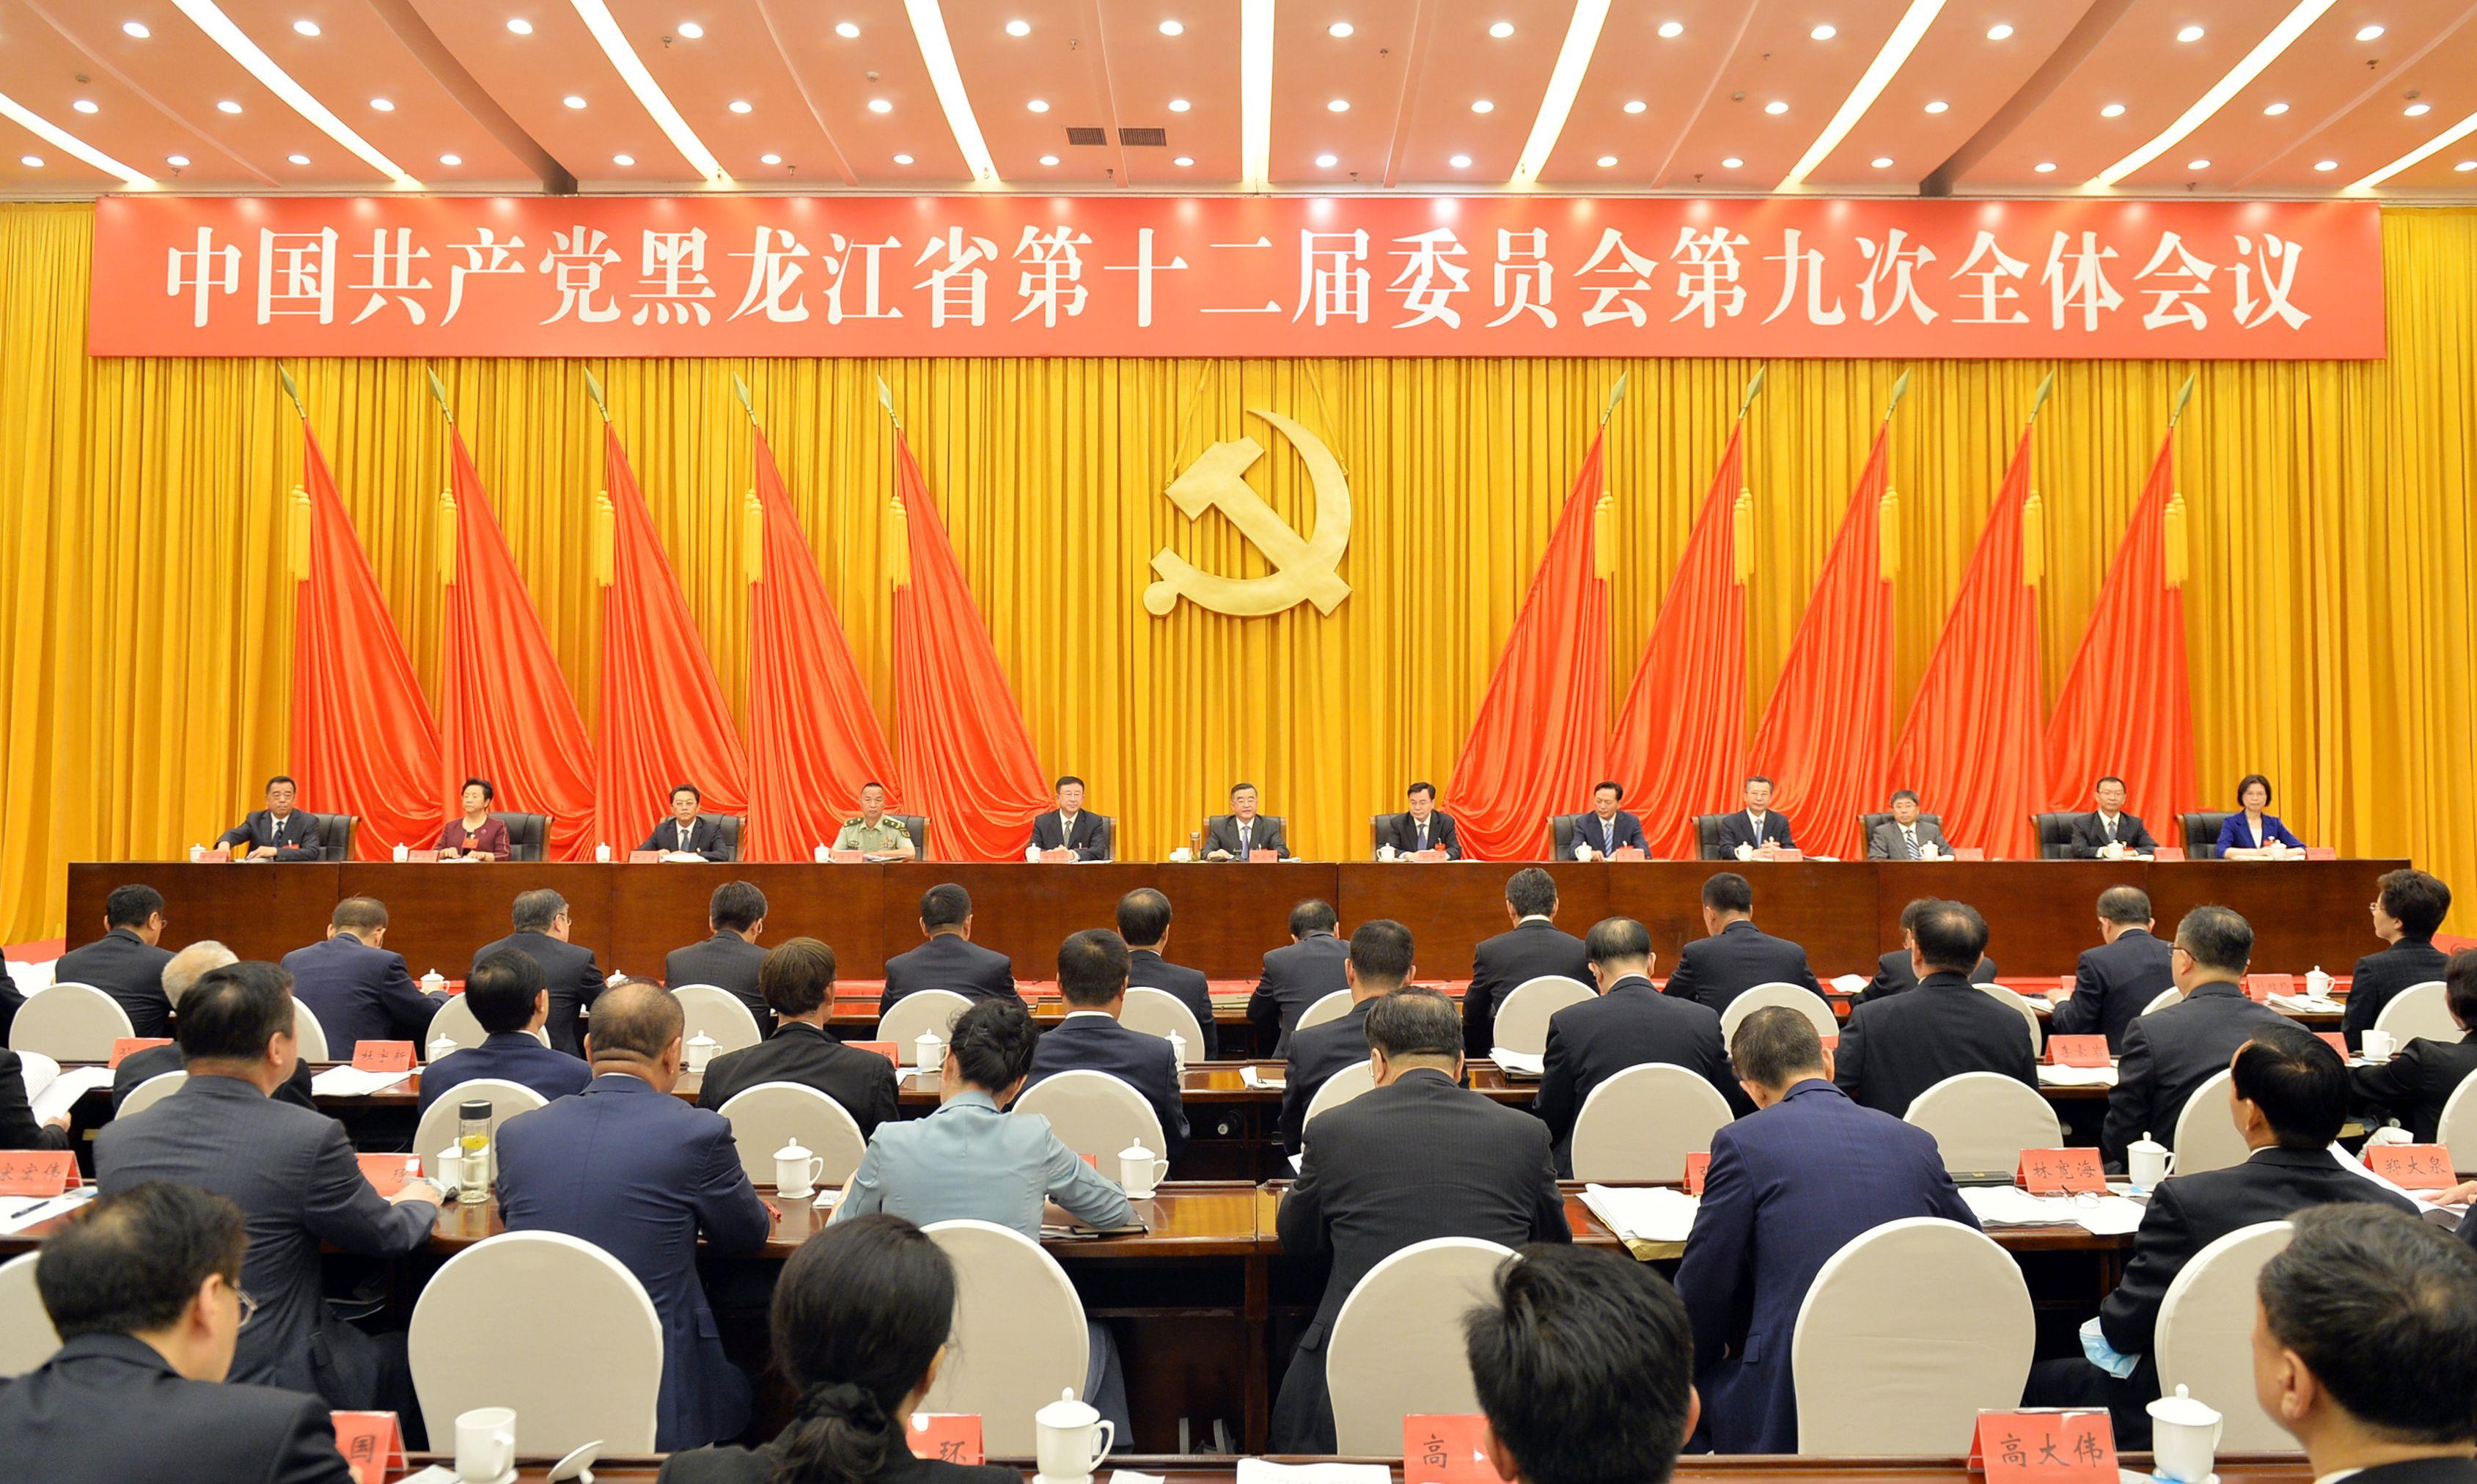 中共黑龙江省委十二届九次全会在哈尔滨举行 01.jpg